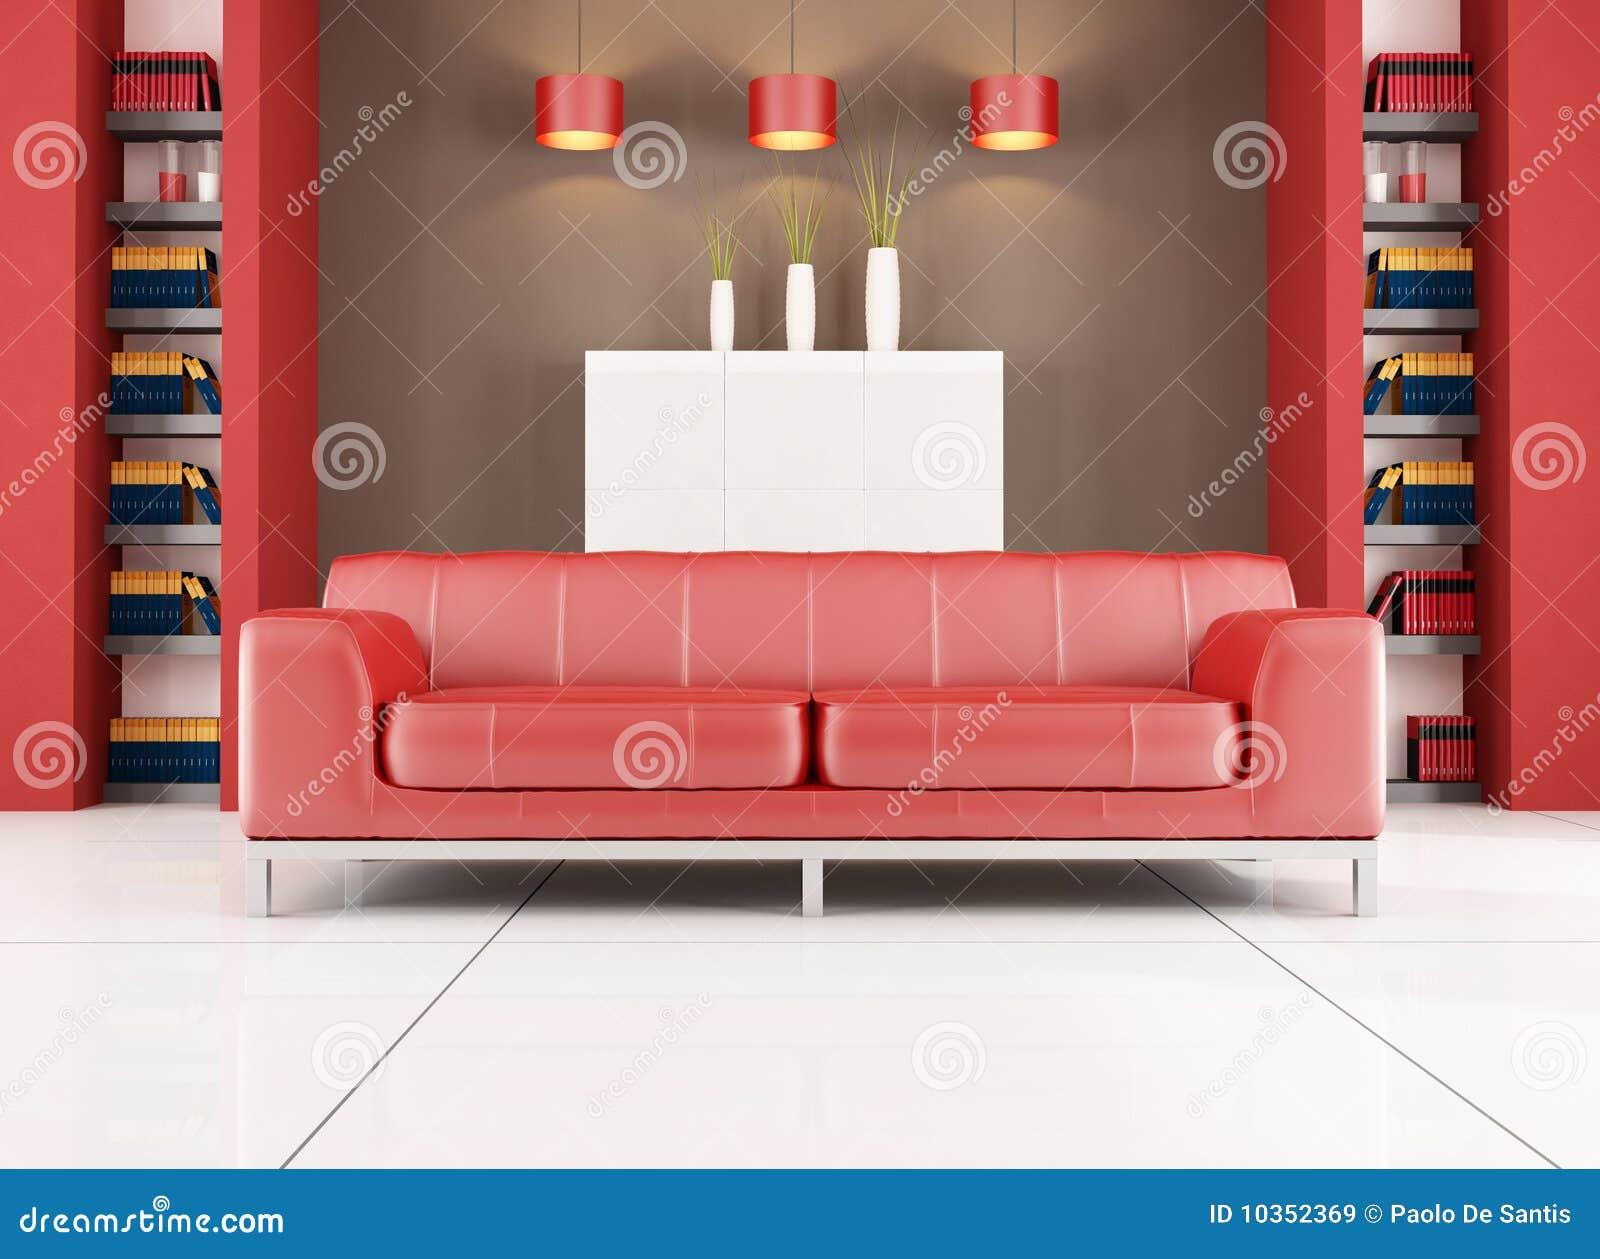 Sala de estar contempor nea roja y marr n im genes de for Sala de estar marron